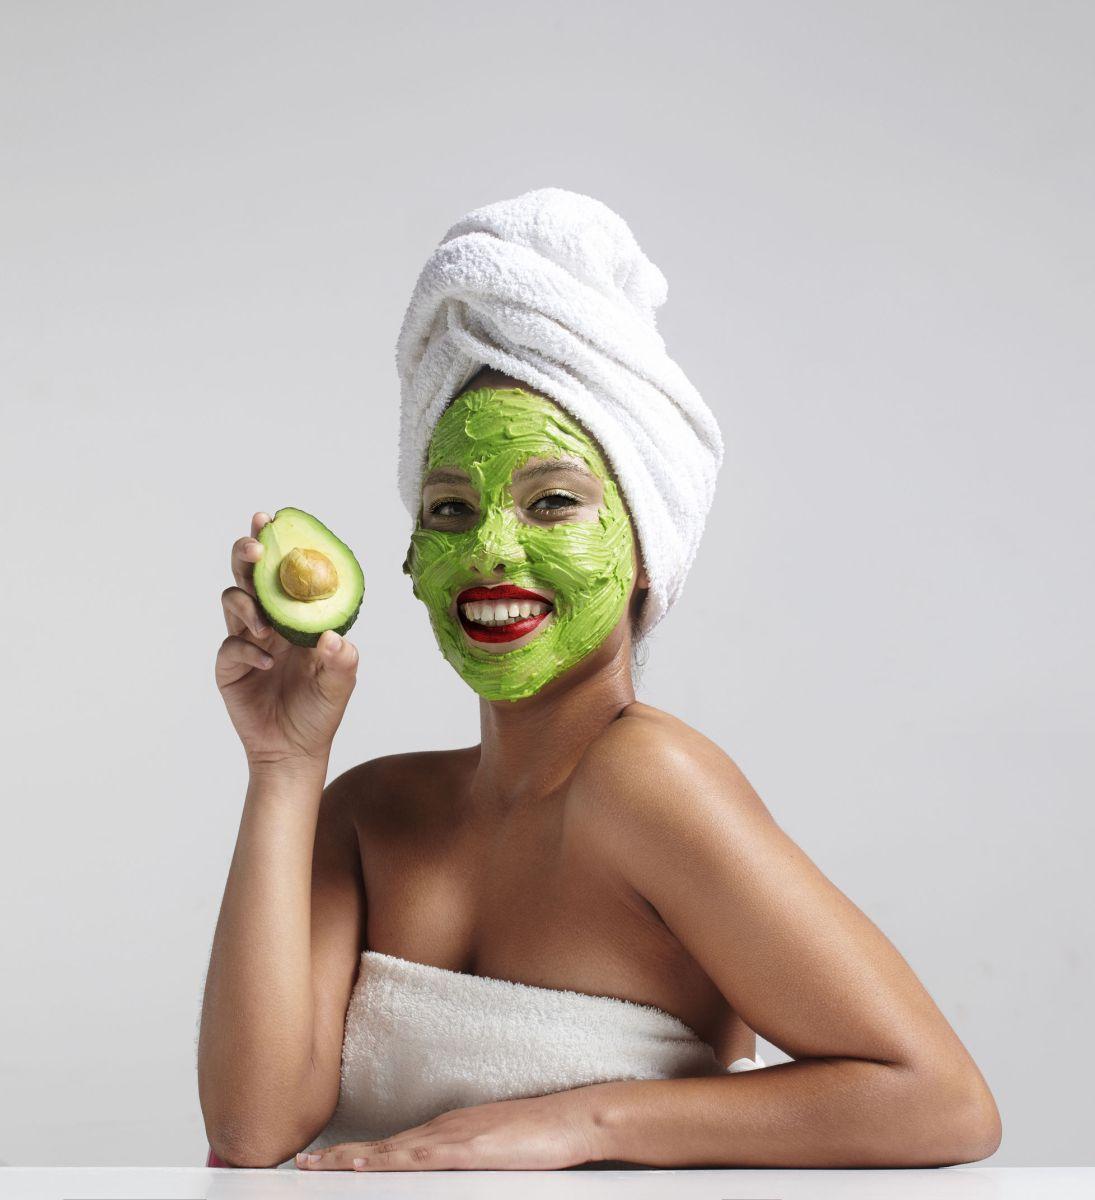 DIY masque pour le visage : 3 recettes simples